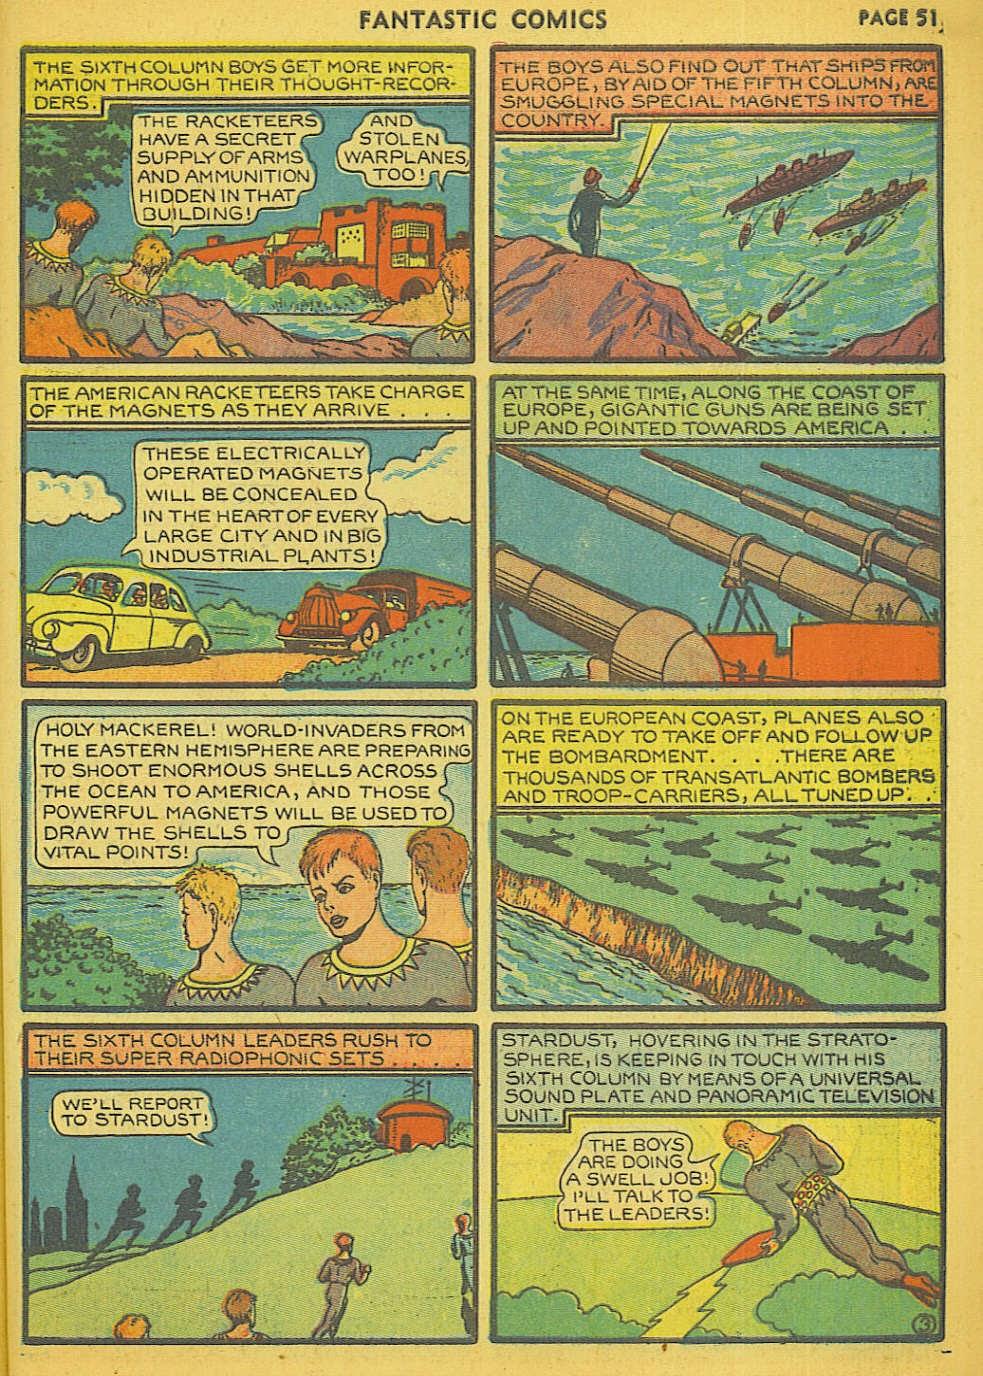 Read online Fantastic Comics comic -  Issue #15 - 46